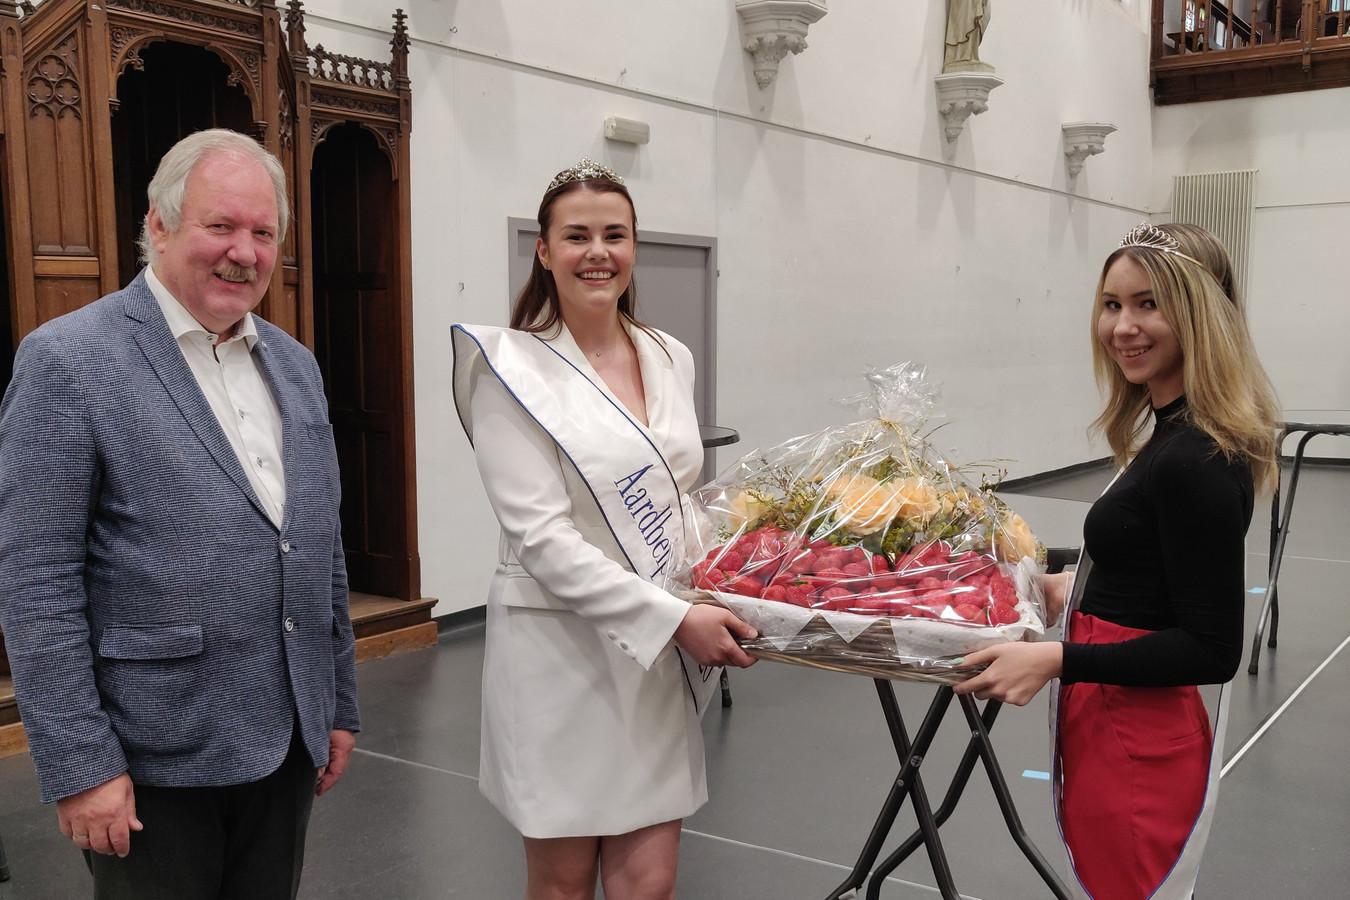 Aardbeiprinses Caro Smet en eerste eredame Kayleigh Van Molle mochten samen met burgemeester Marc Van de Vijver de korf aardbeien aan de koerier overhandigen.